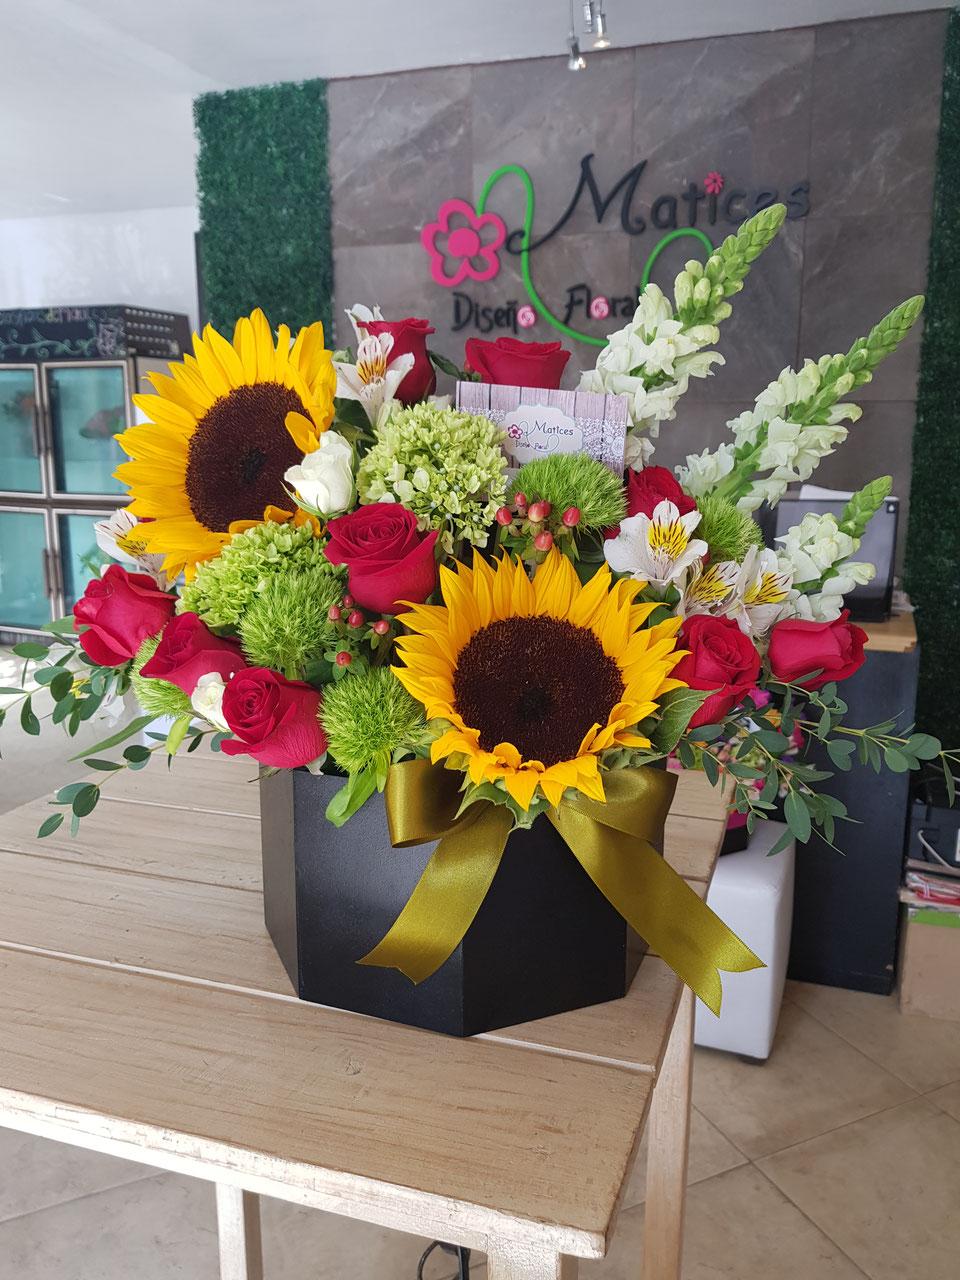 Matices Diseño Floral L Florerias En Nuevo Laredo Matices